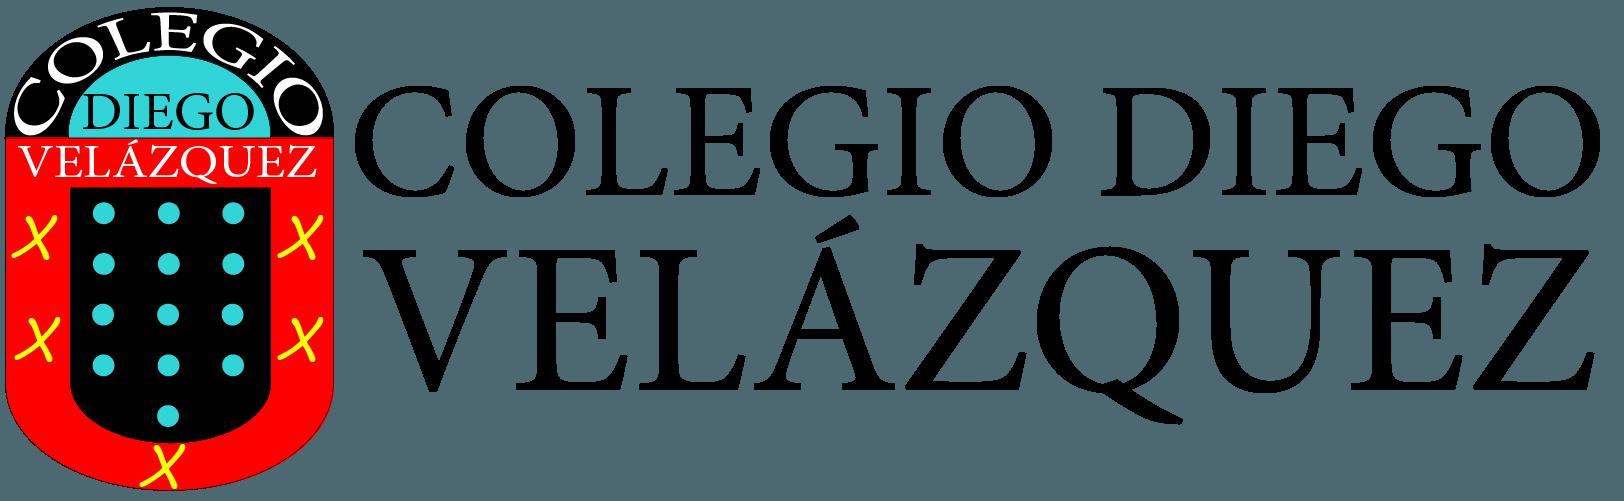 Colegio Diego Velazquez